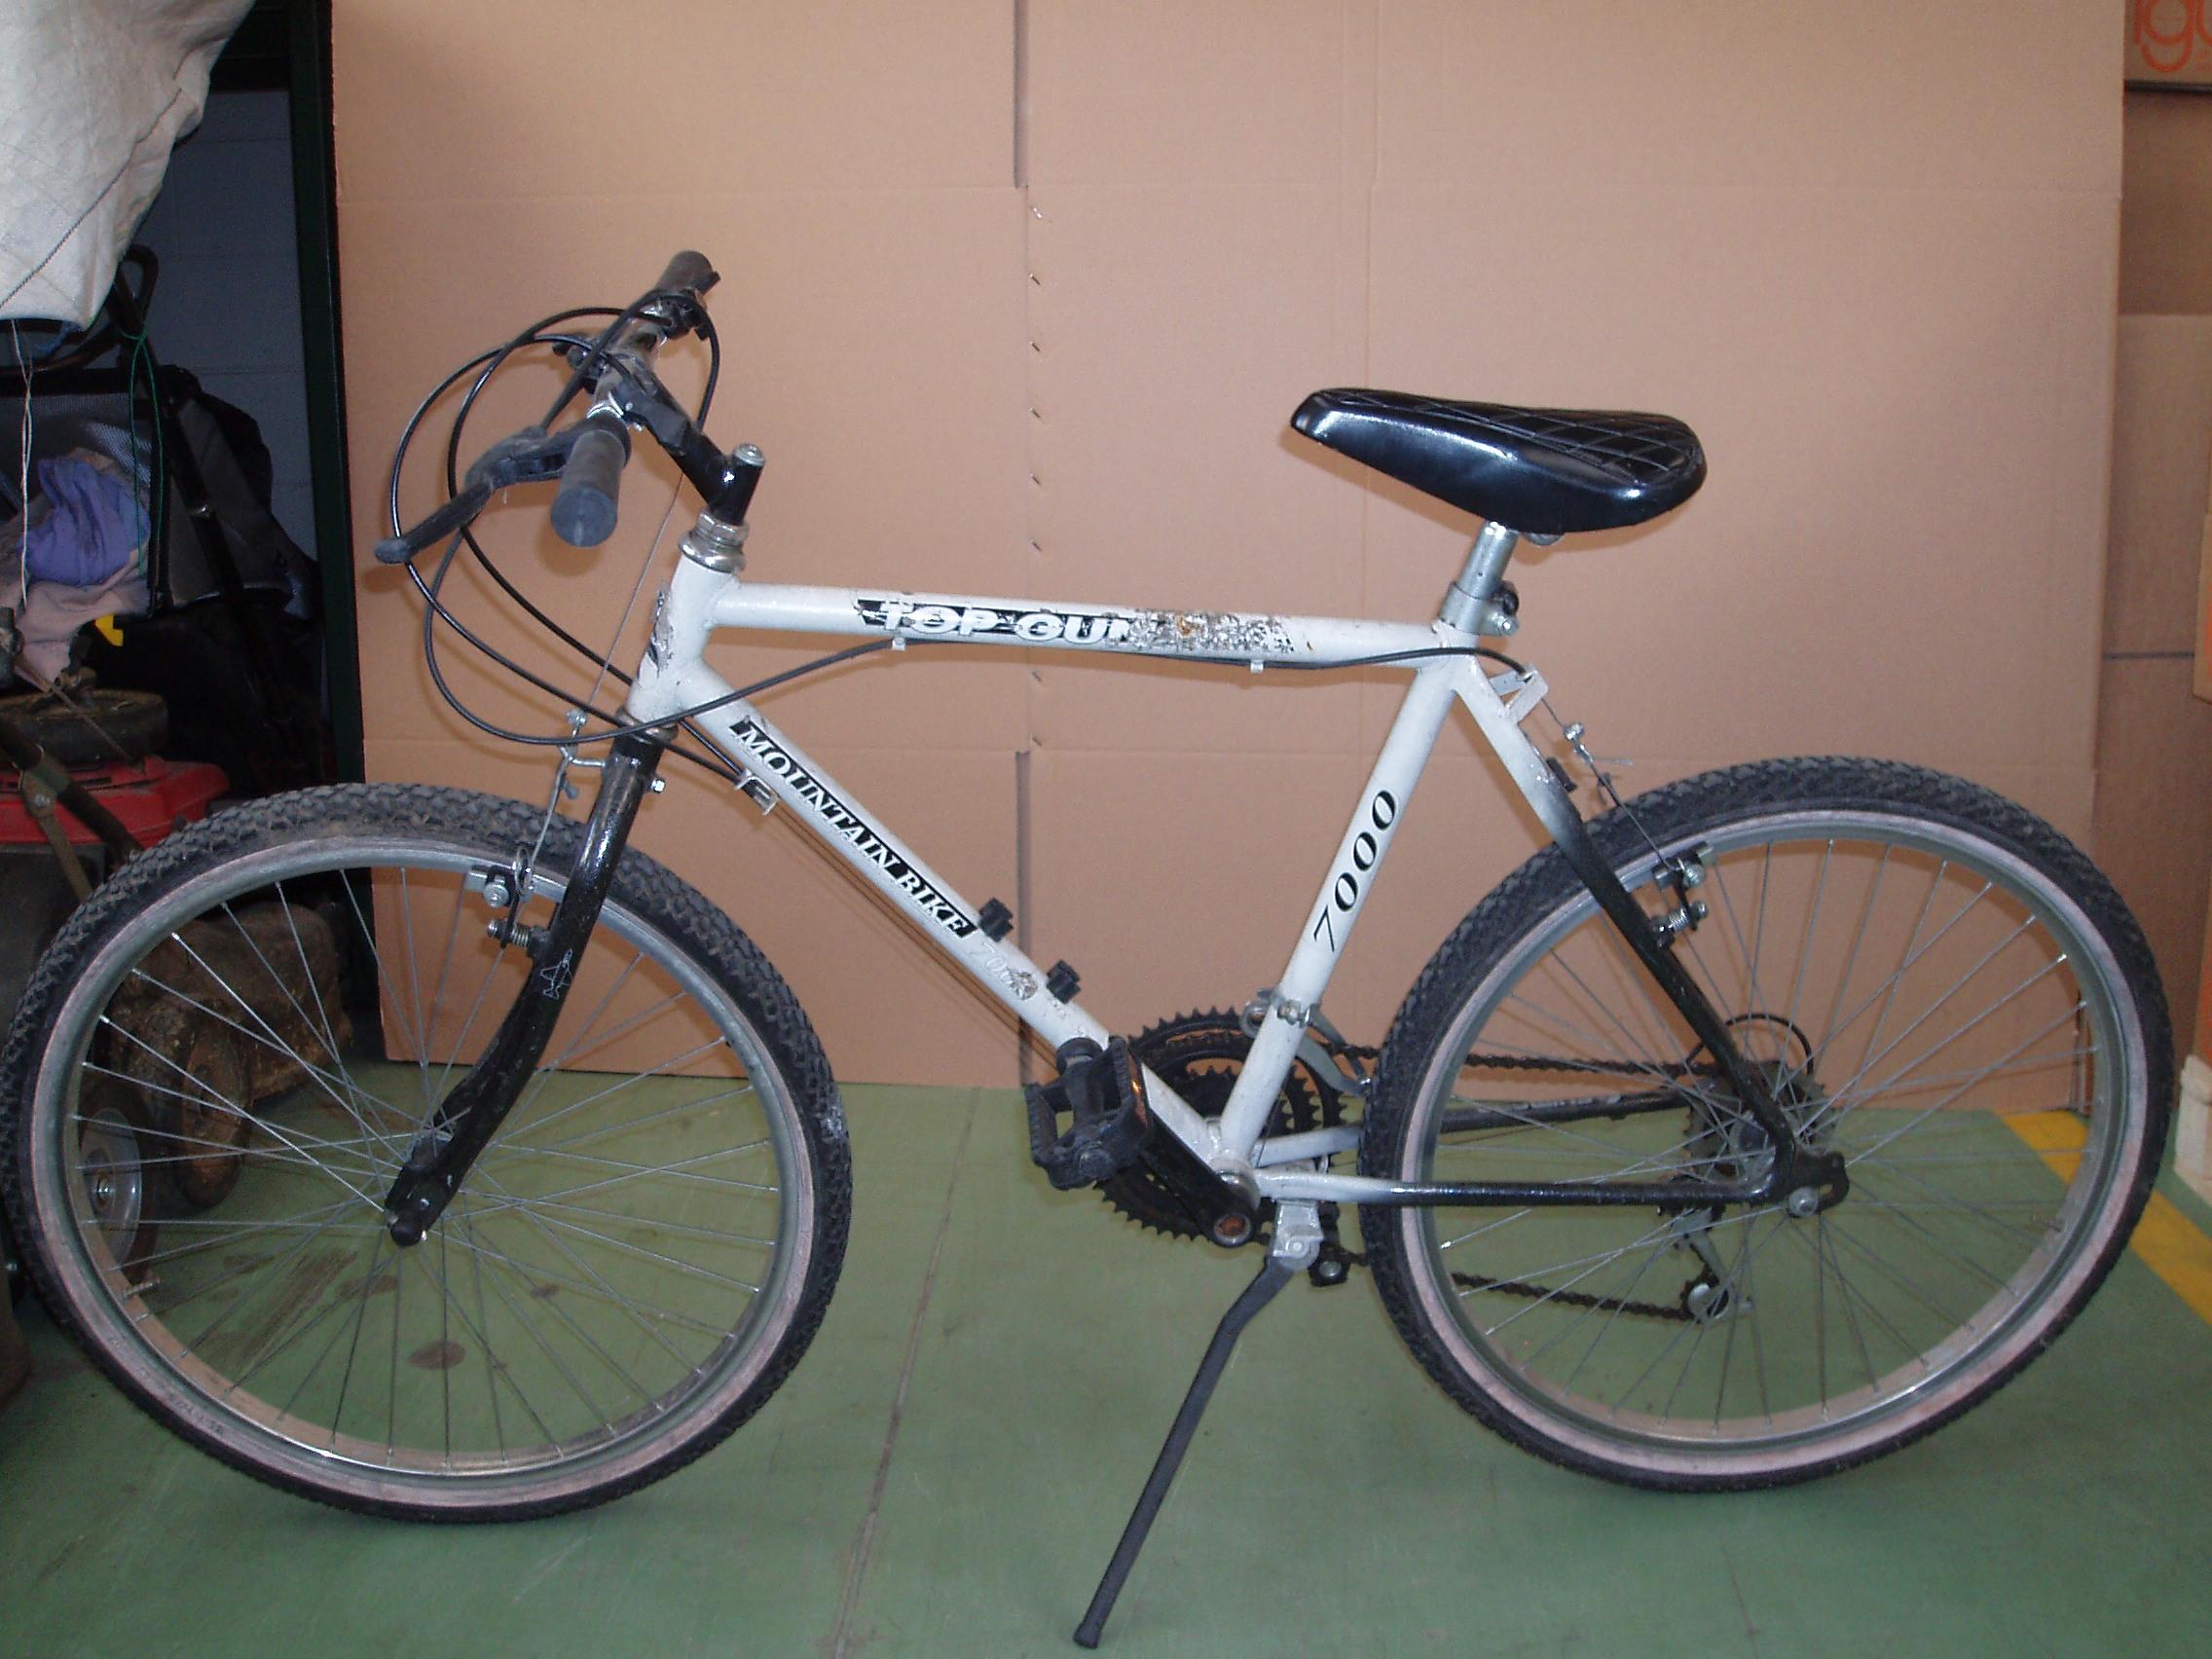 Mercato usato biciclette monza e brianza il tendone for Mercatino usato monza